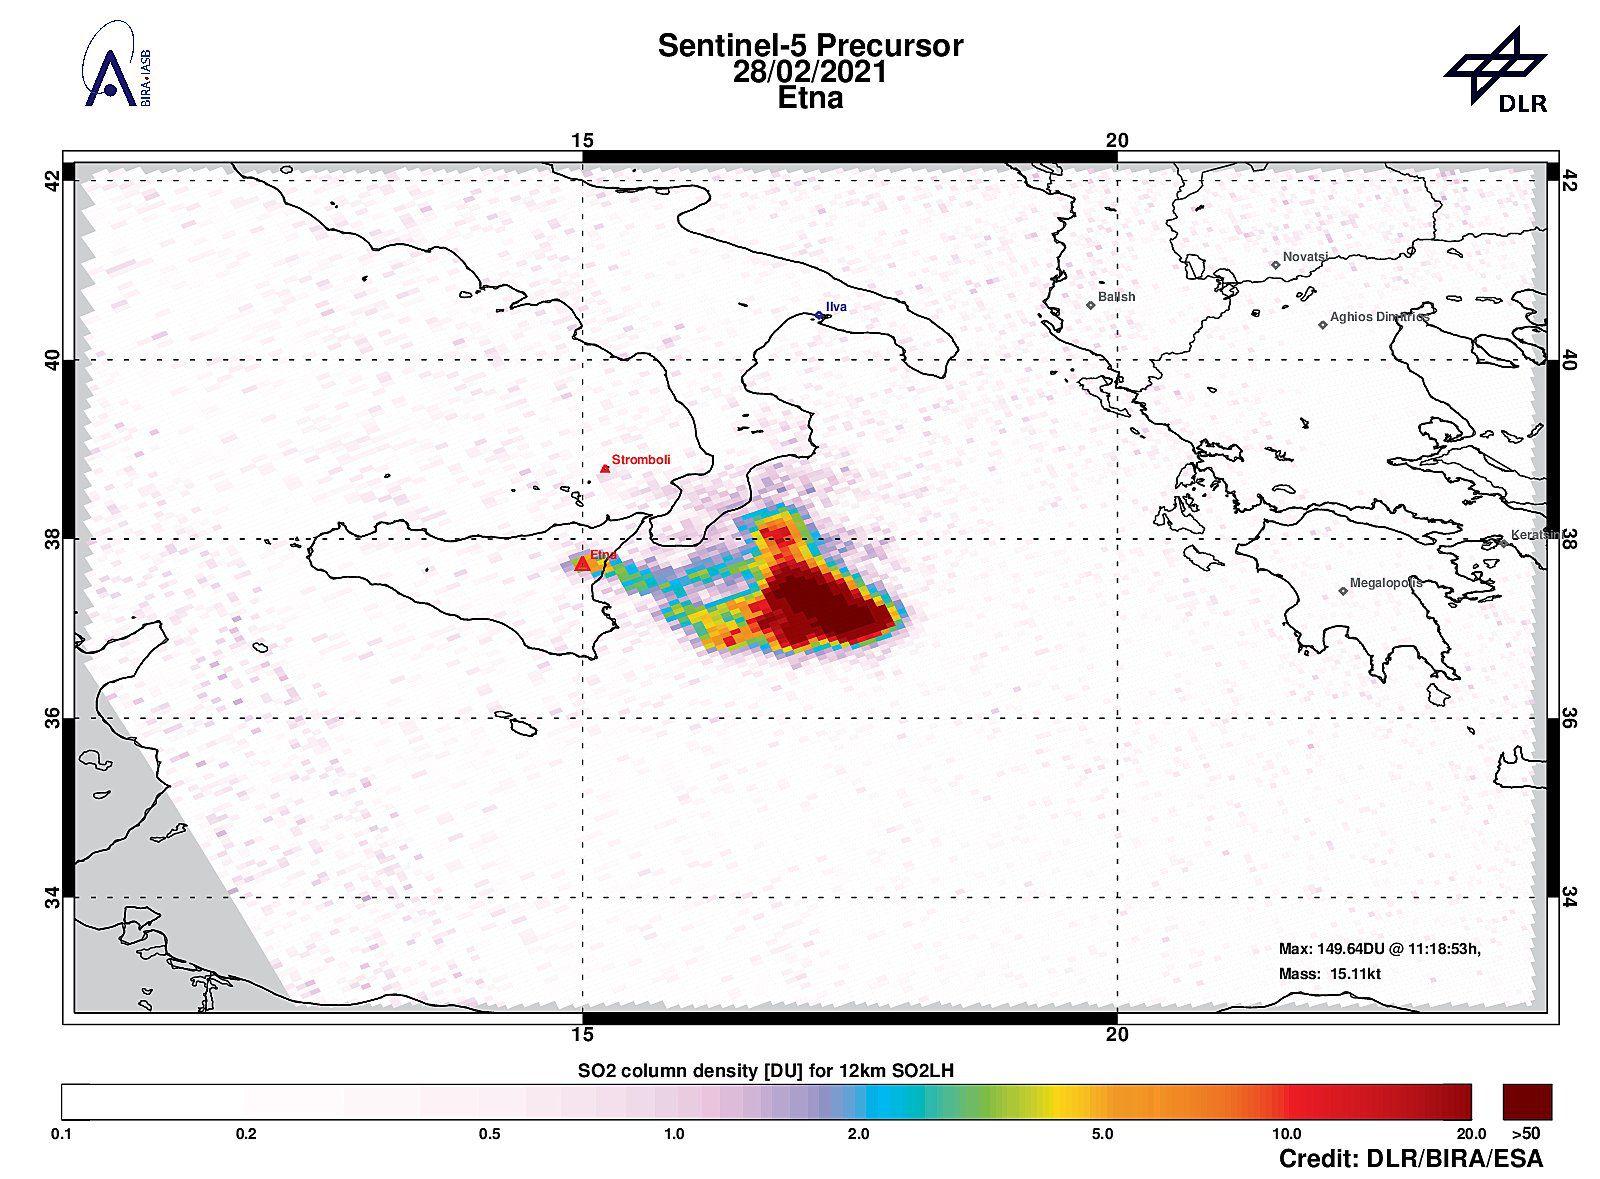 Etna -  anomalie en dioxyde de soufre le 28,02,2021, avec 149.02DU de SO2 à une altitude de ~11km. Masse estimée dans les 300 km de 15.1ktons.  -  Doc. Tropomi /